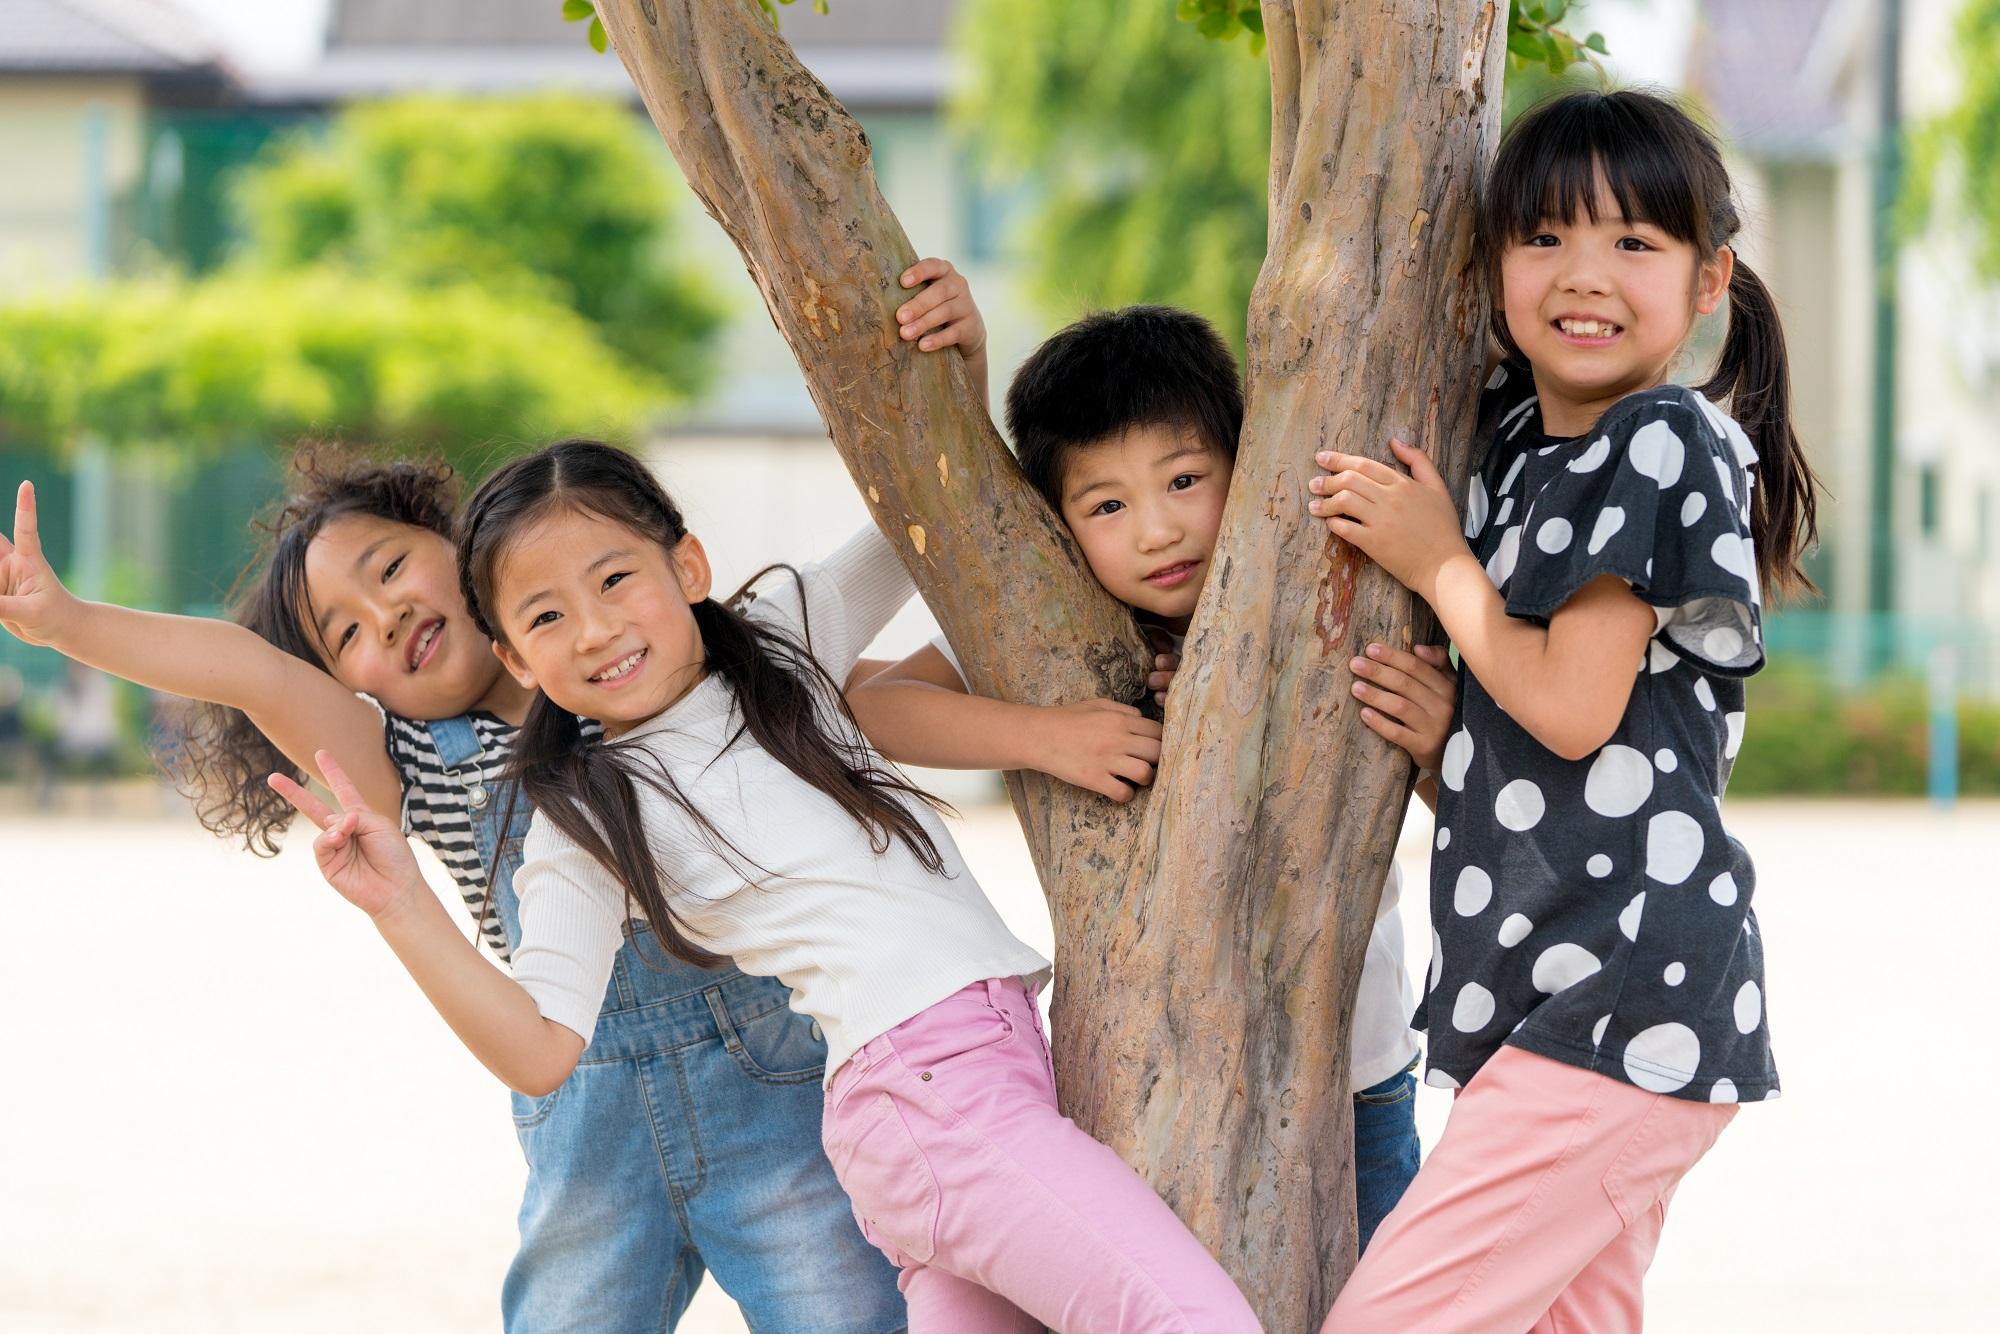 第12回 長期休みは、学童で過ごす時間が長く、子どもたちもストレスがたまります。どうすればトラブルを減らせますか?